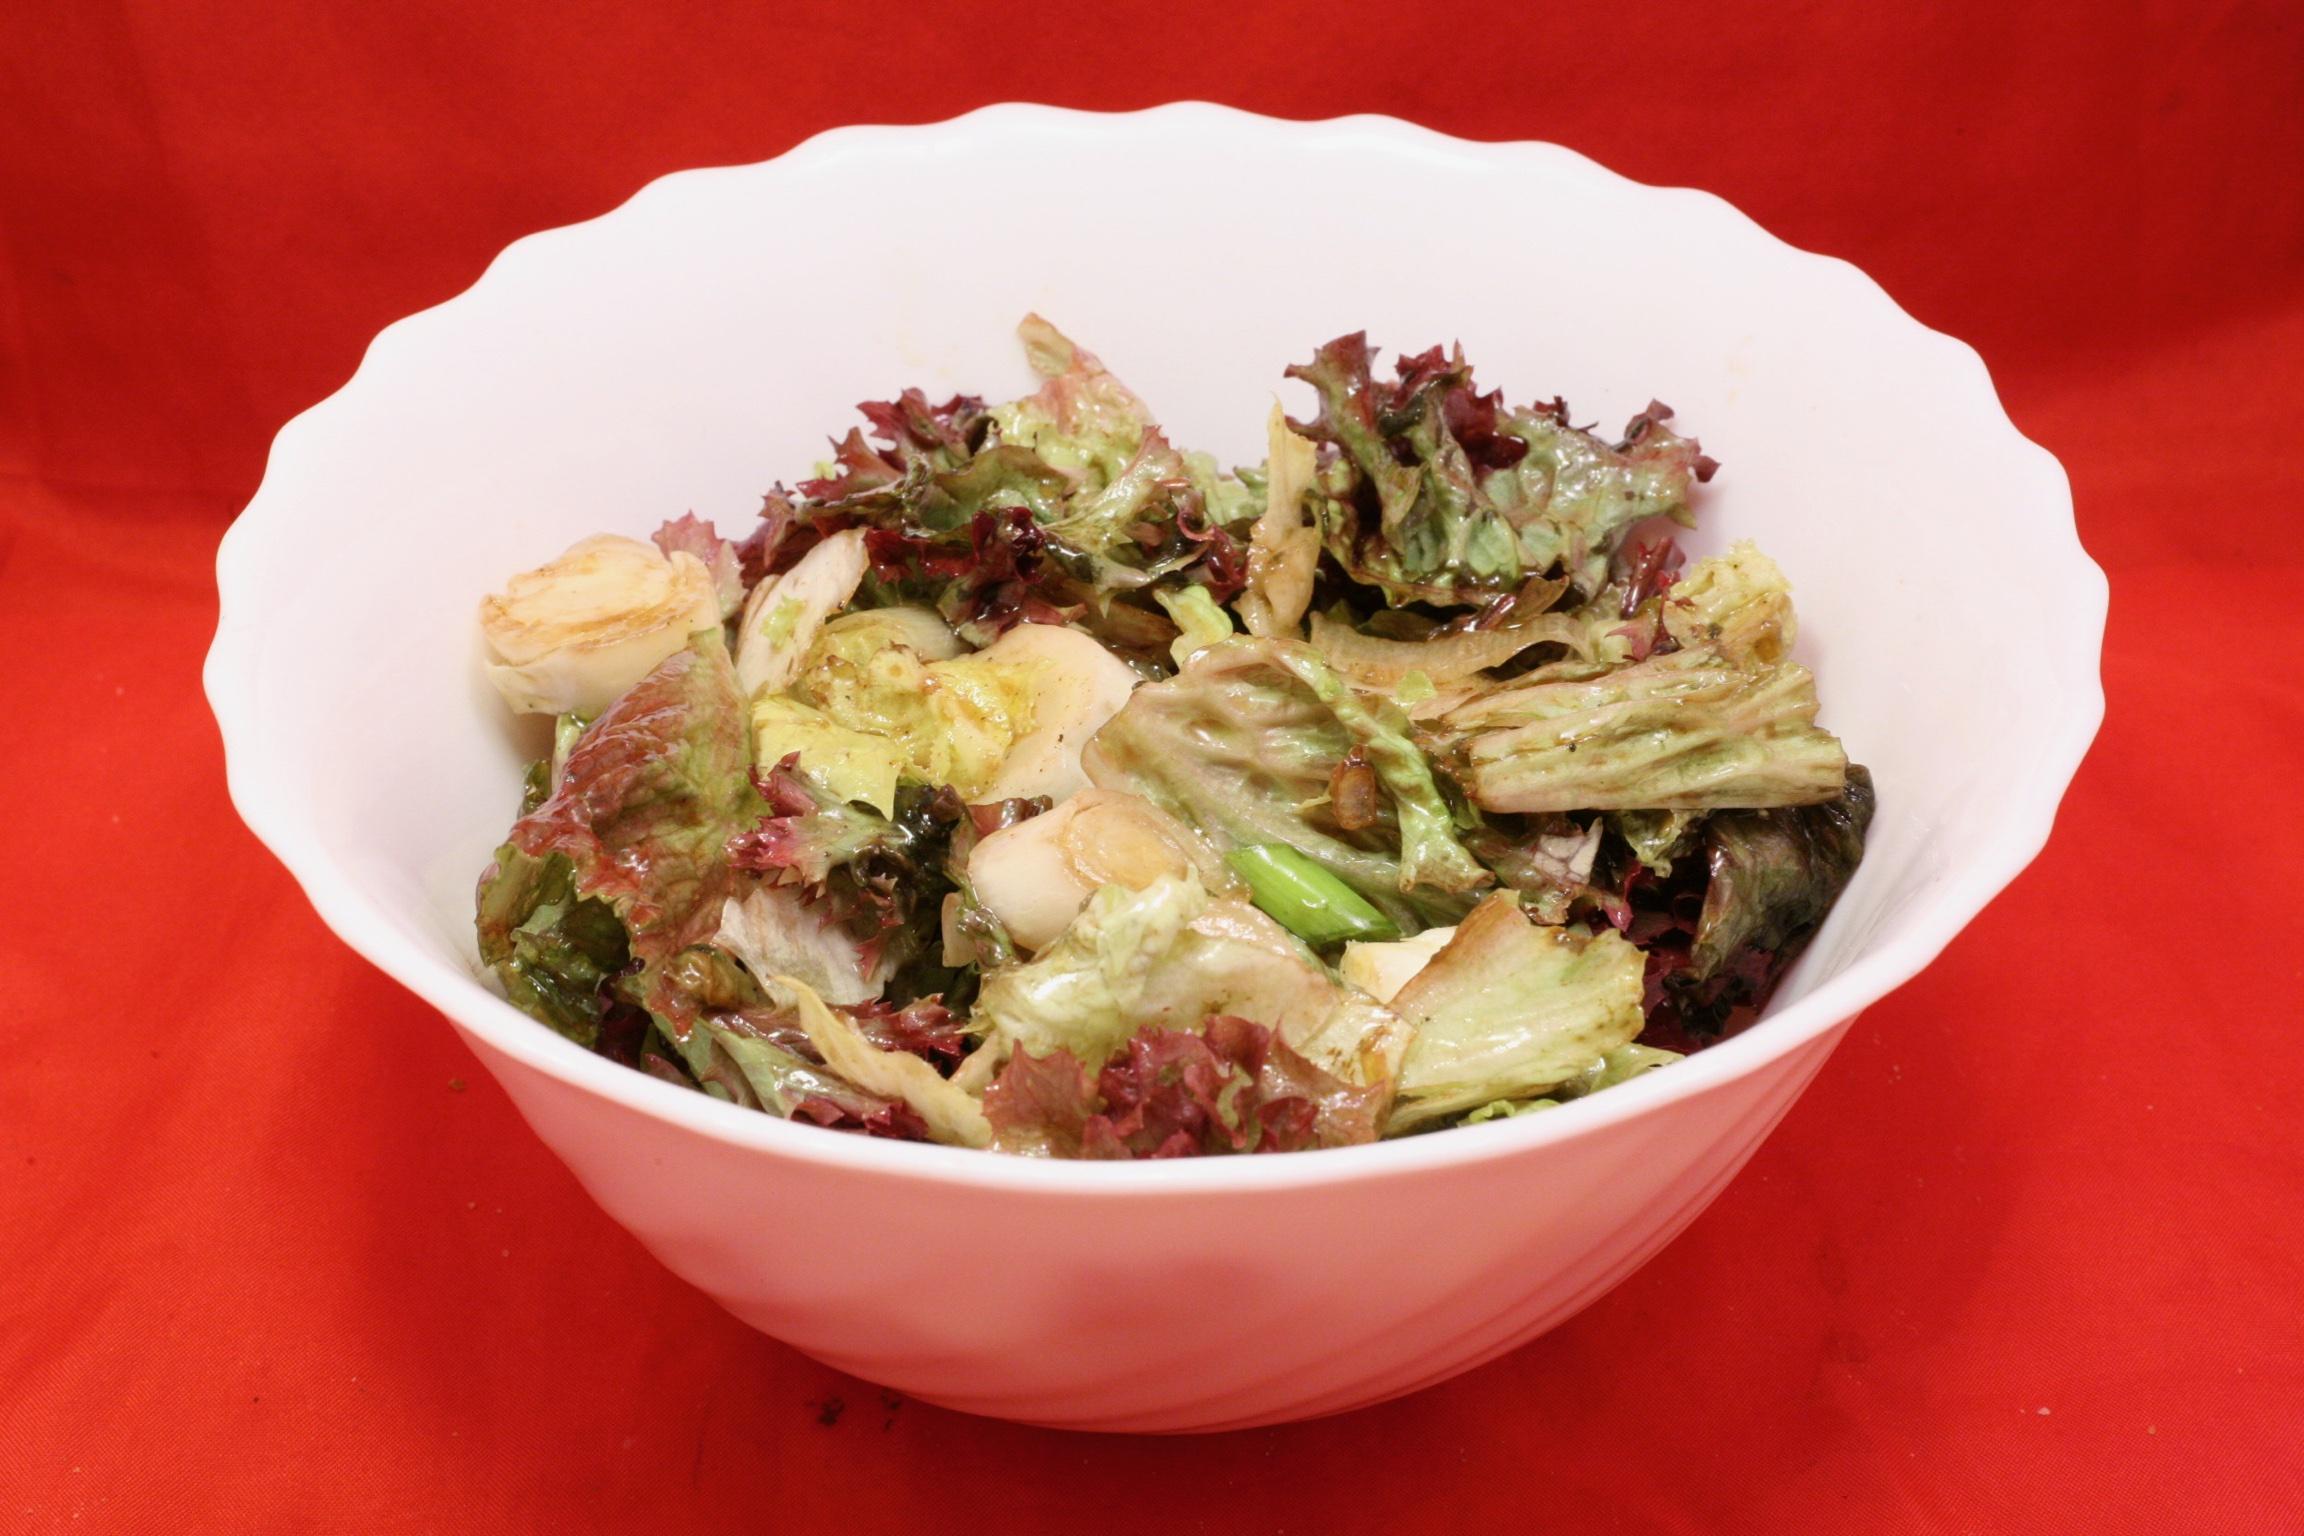 Salat mit Lollo rosso, Chicorée und Lauchzwiebel